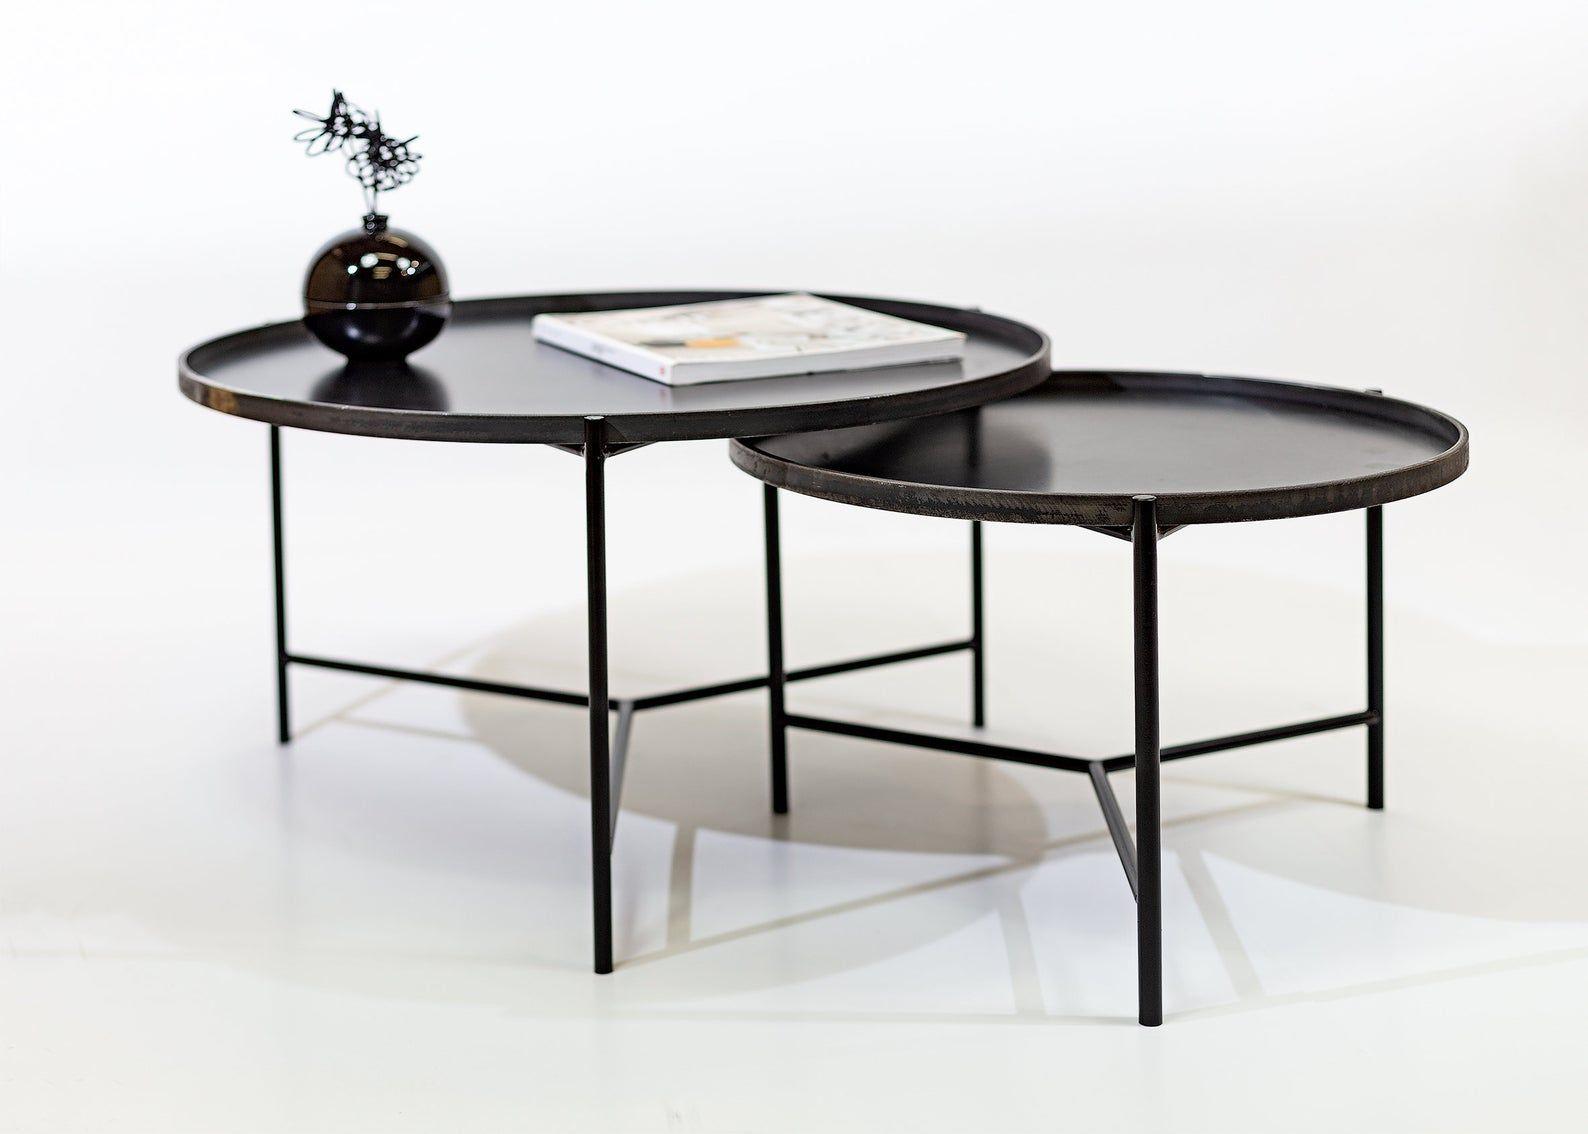 Set Of 2 Round Coffee Tables Etsy Wohnzimmertische Runder Kaffeetisch Runder Tisch [ 1134 x 1588 Pixel ]